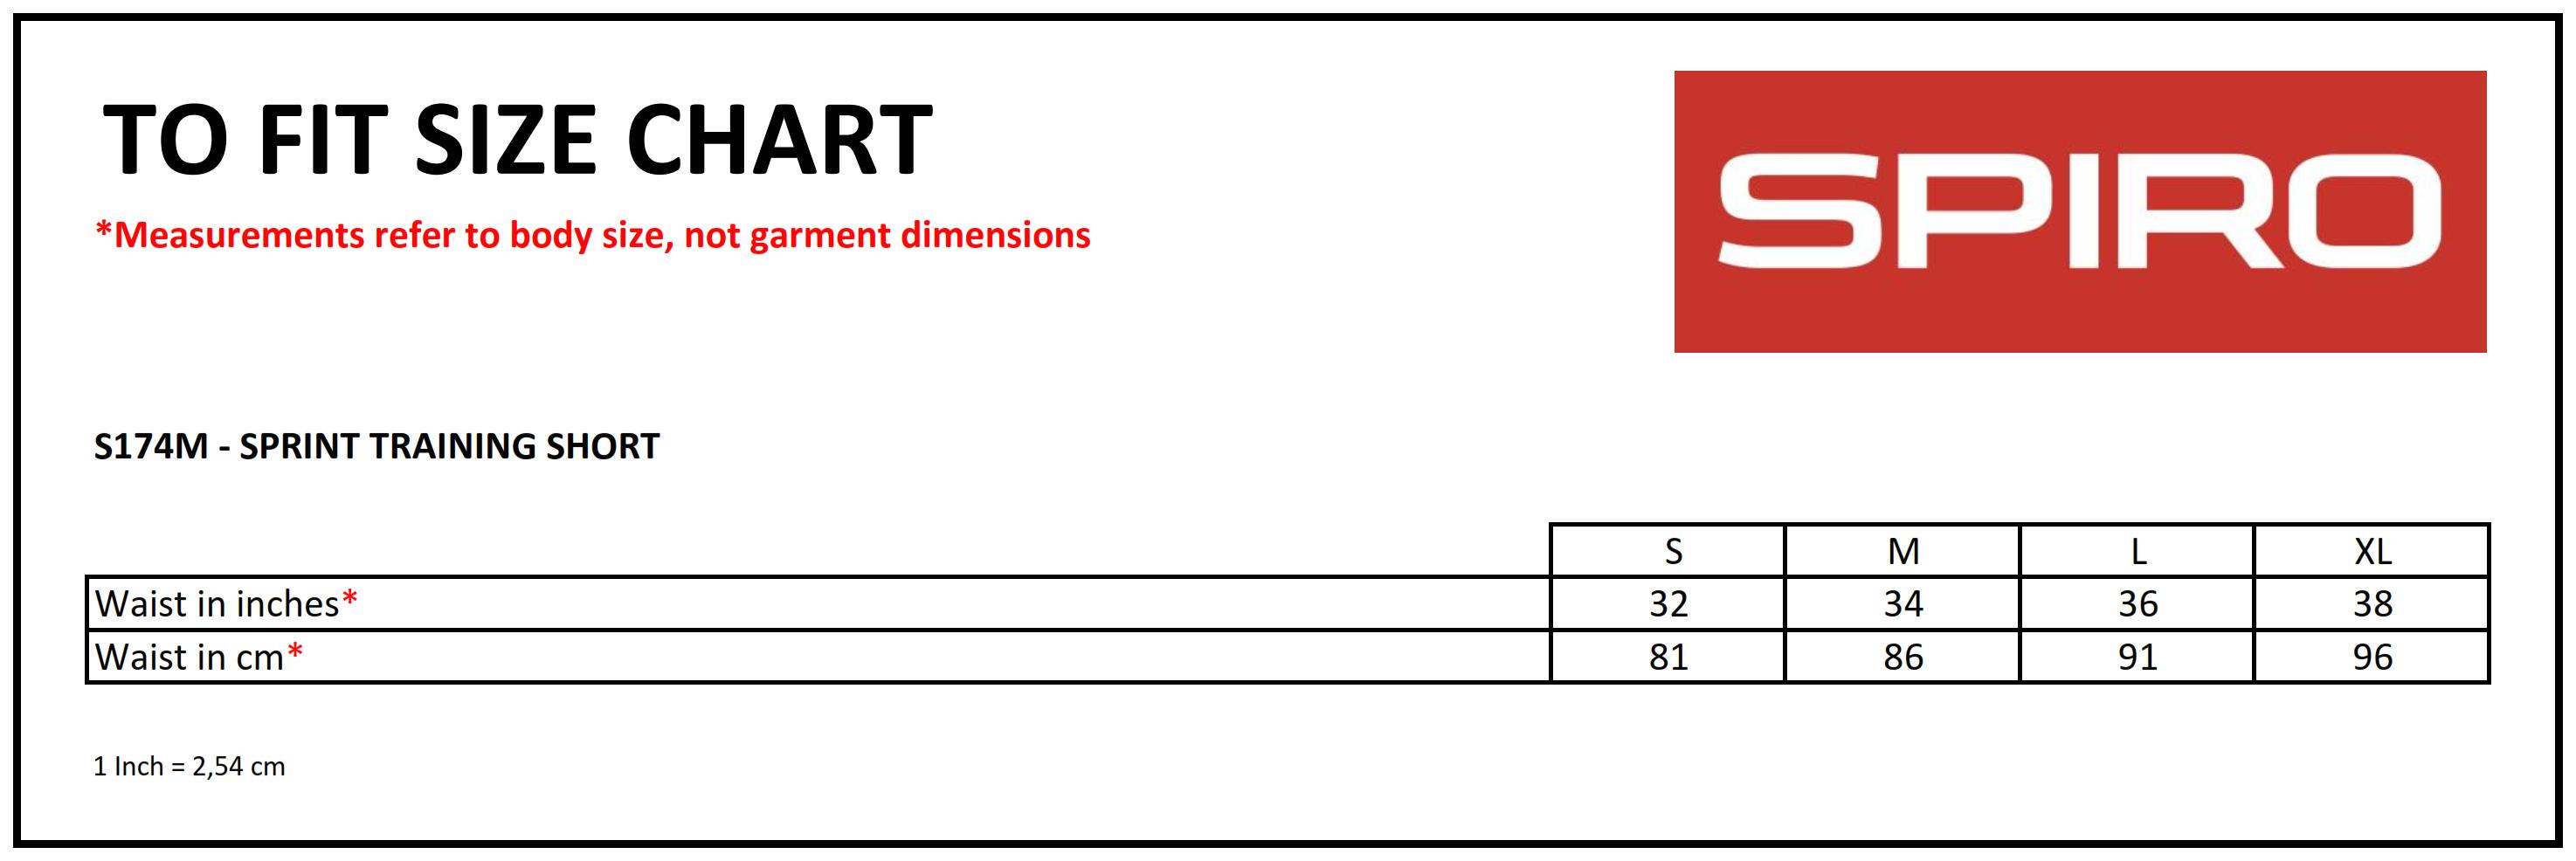 Result: Spiro Sprint Training Short R174M